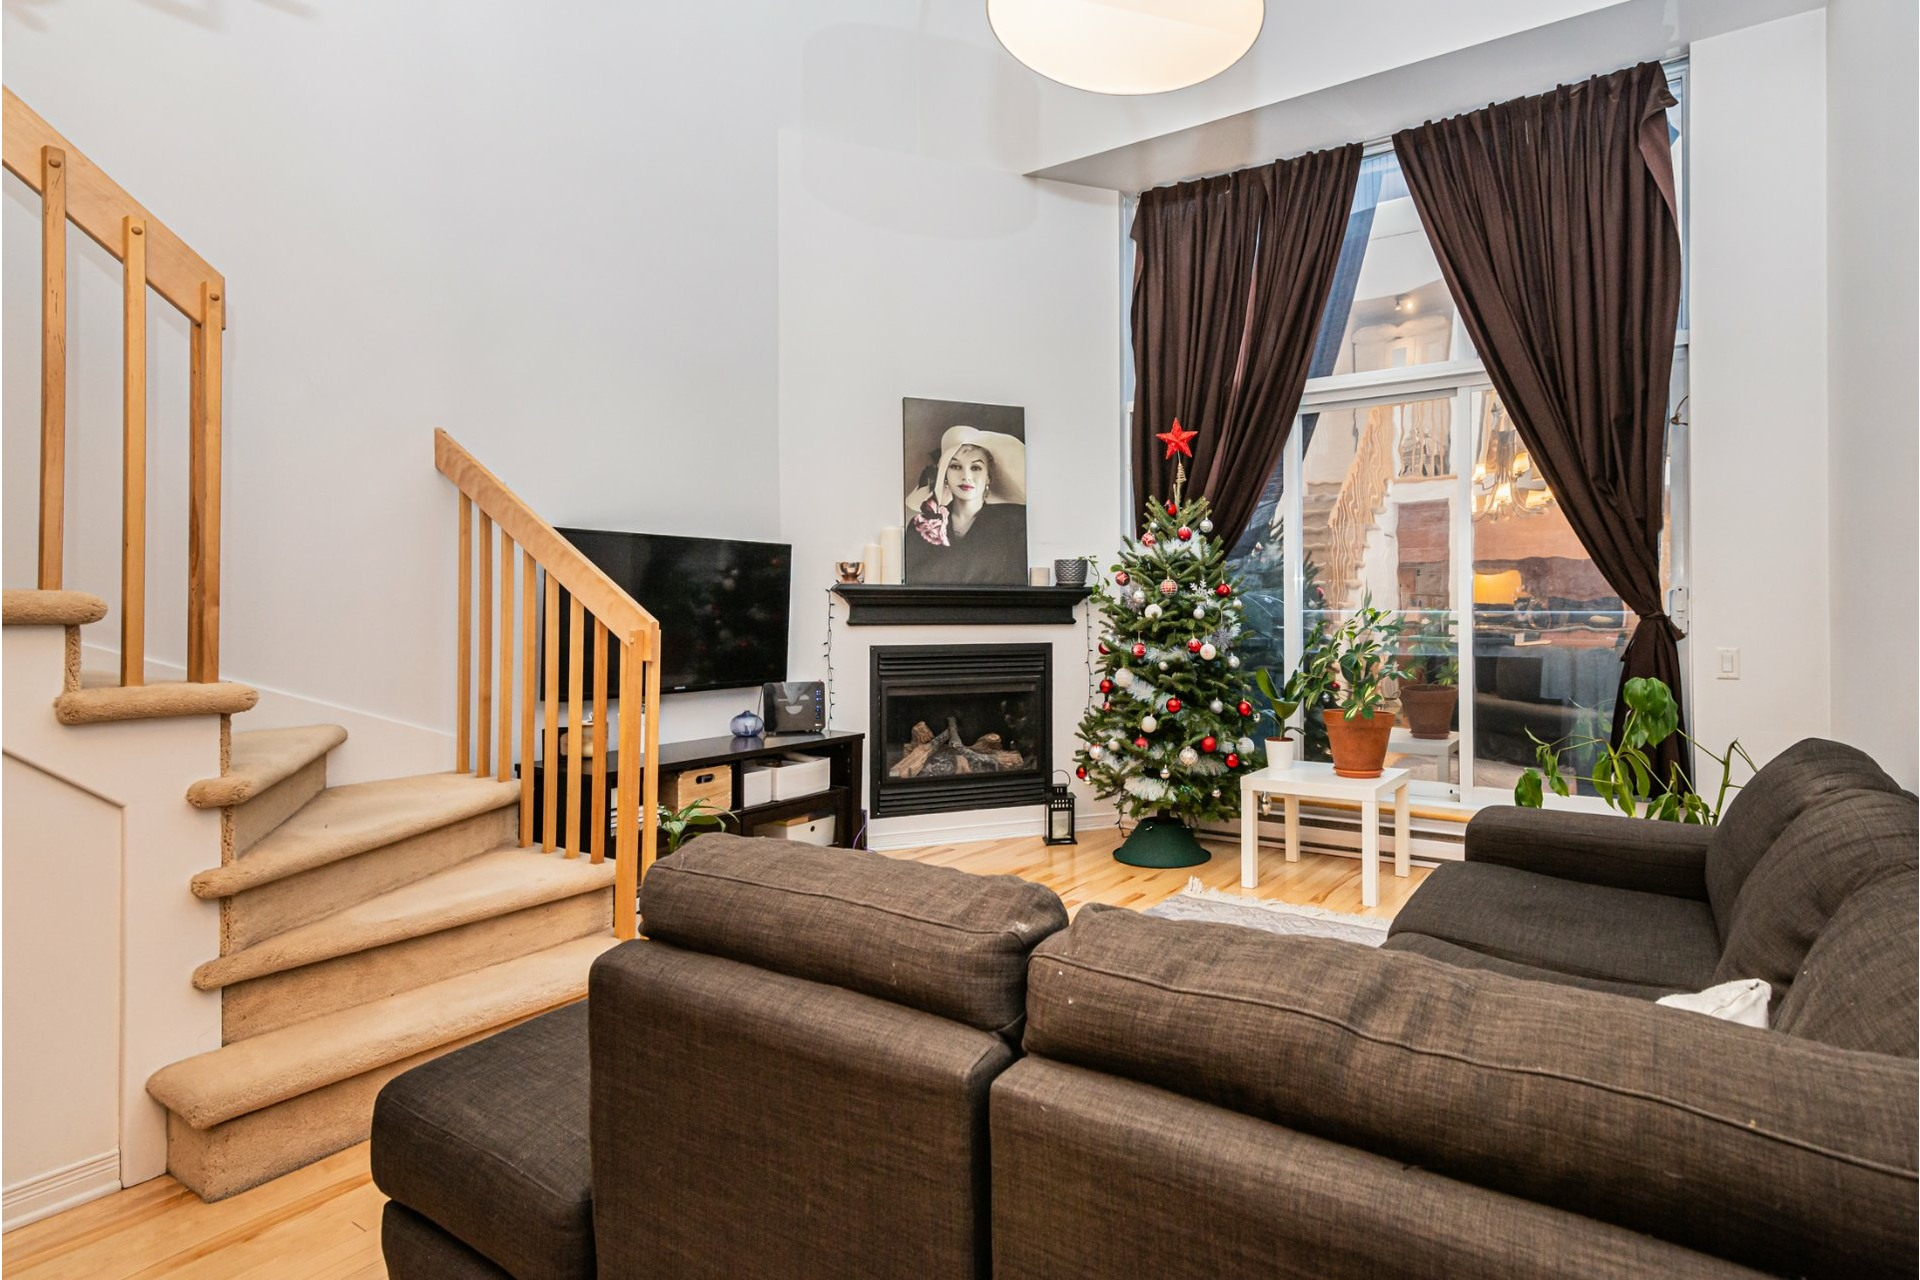 image 2 - Appartement À vendre Lachine Montréal  - 5 pièces